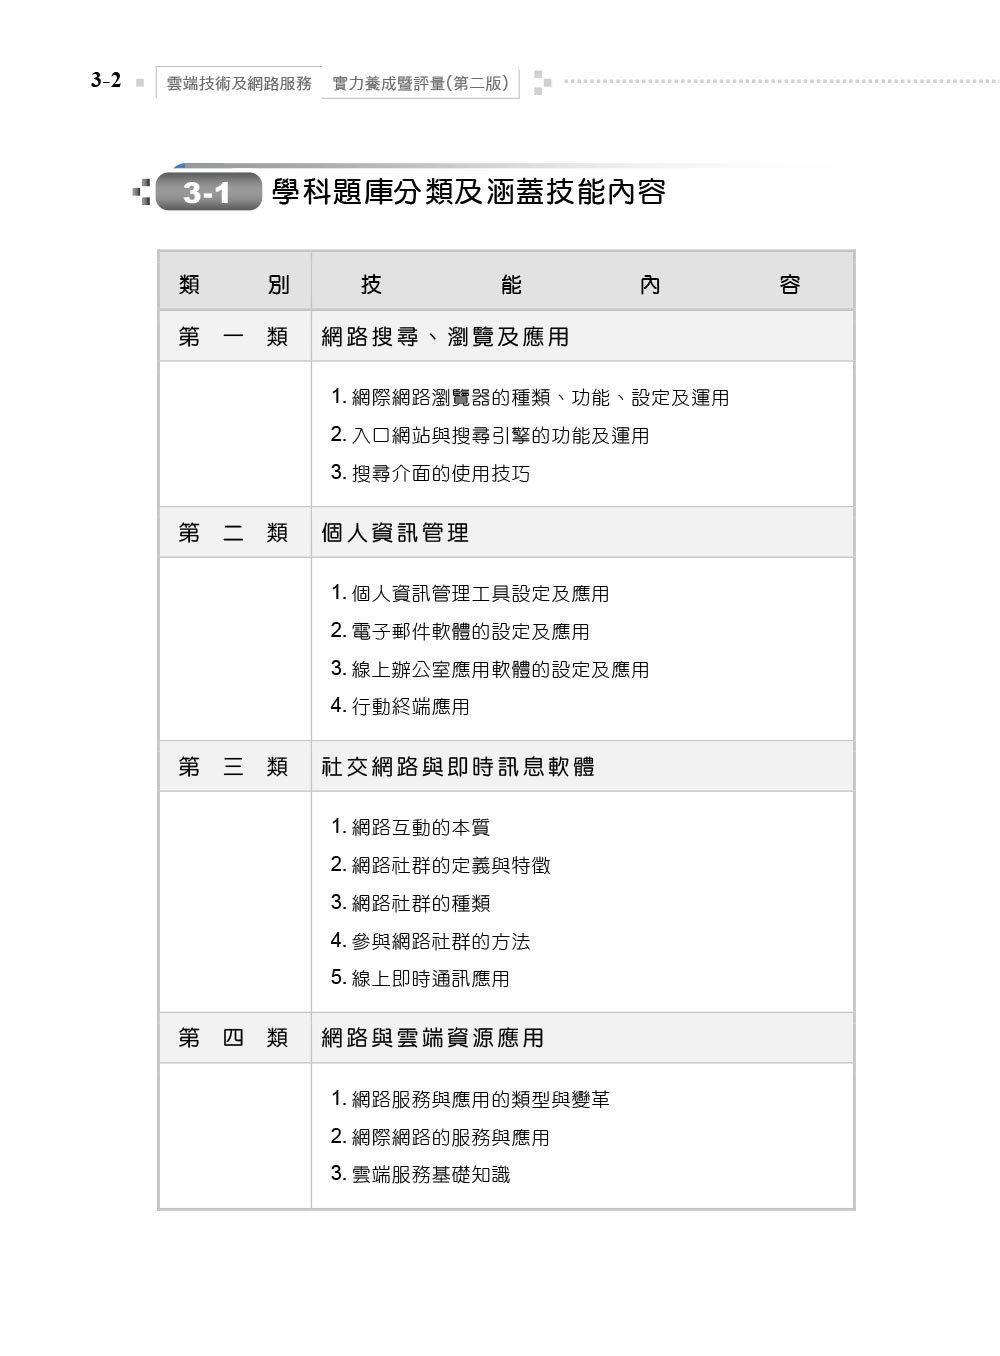 TQC 雲端技術及網路服務實力養成暨評量, 2/e-preview-2